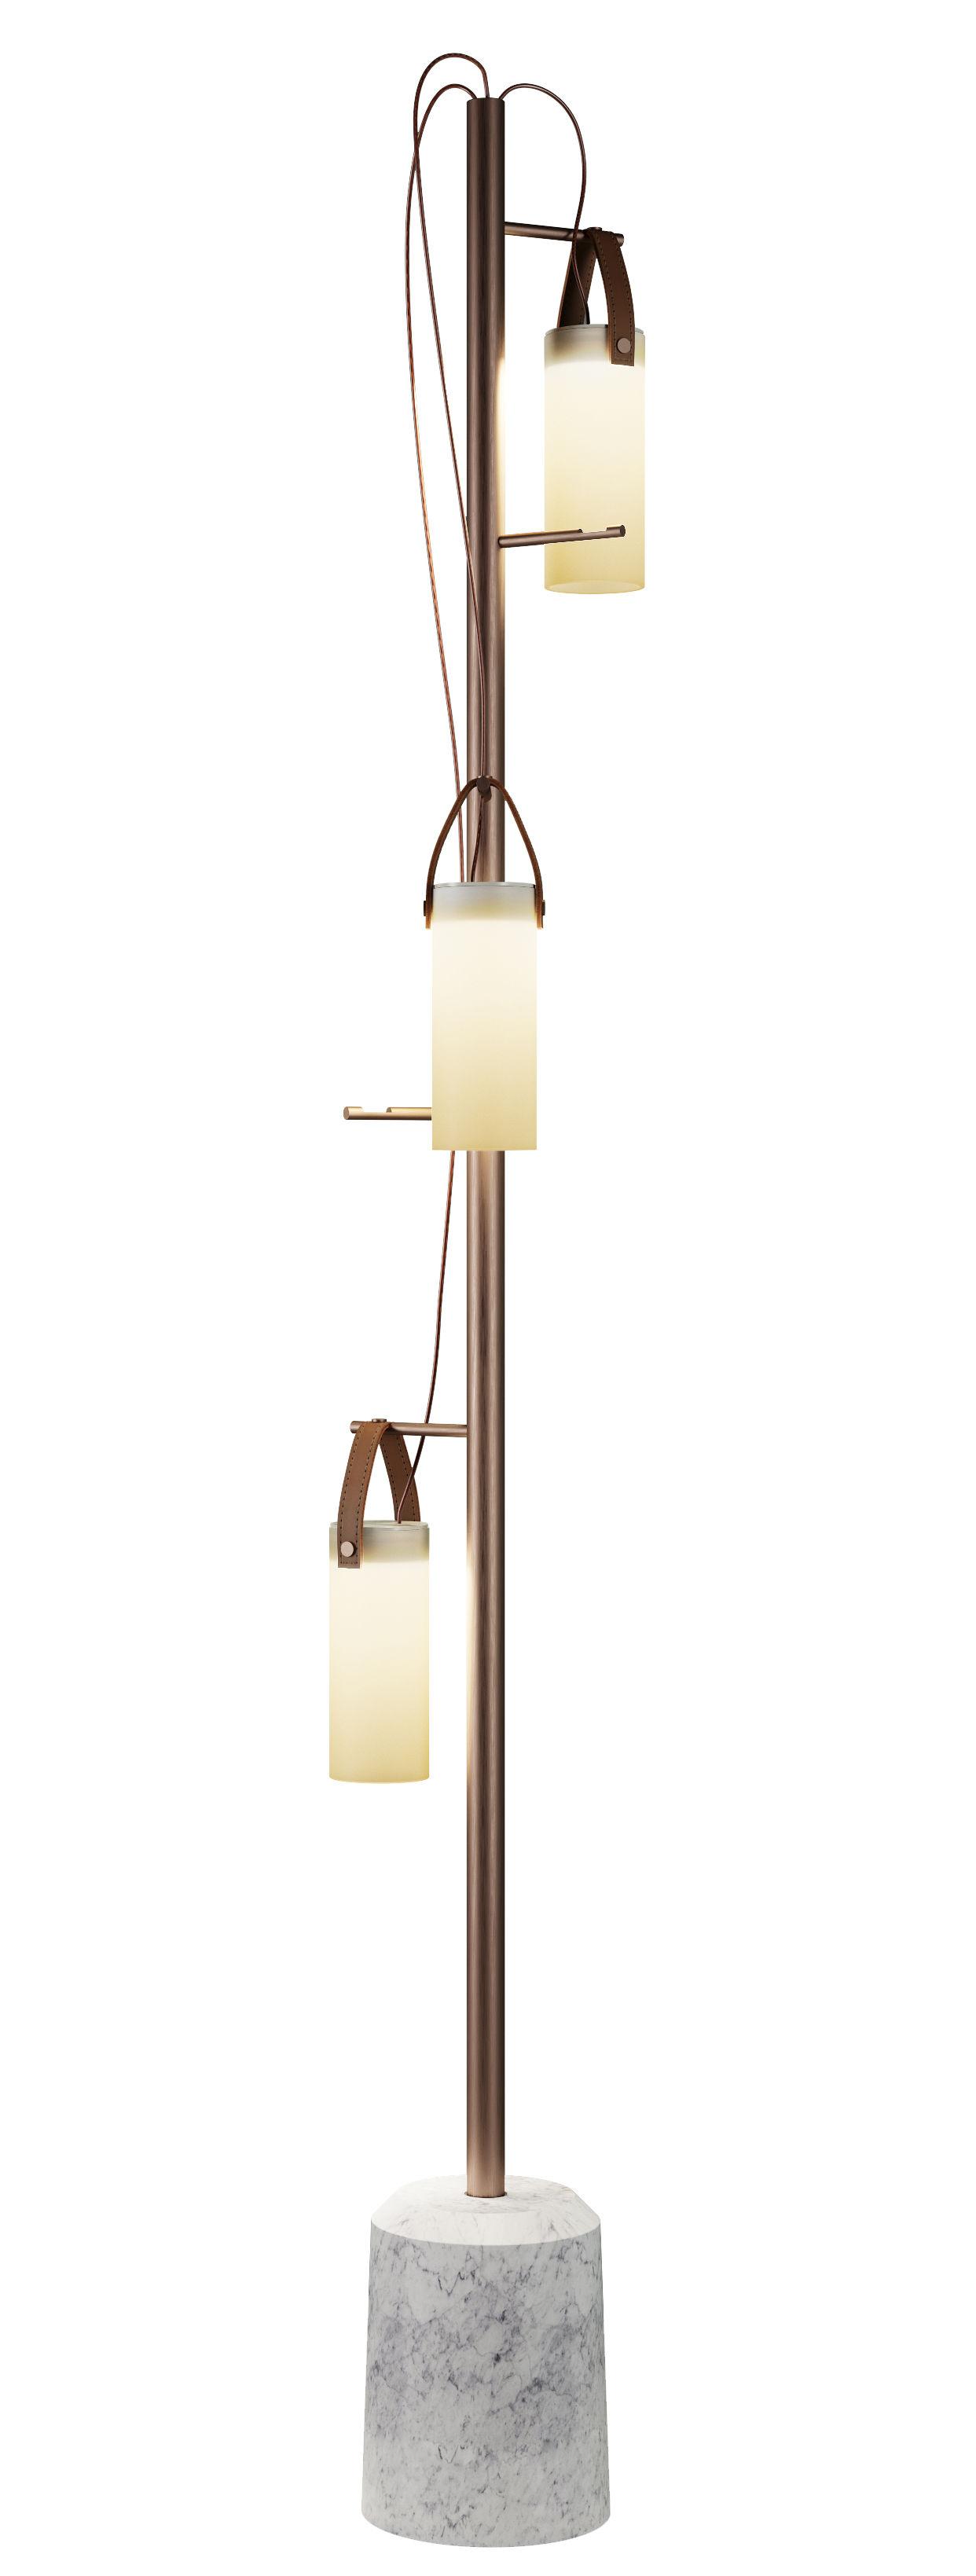 Luminaire - Lampadaires - Lampadaire Galerie LED / Base marbre - H 190 cm - Fontana Arte - Bronze & blanc - Cuir naturel, Marbre, Métal brossé, Verre soufflé